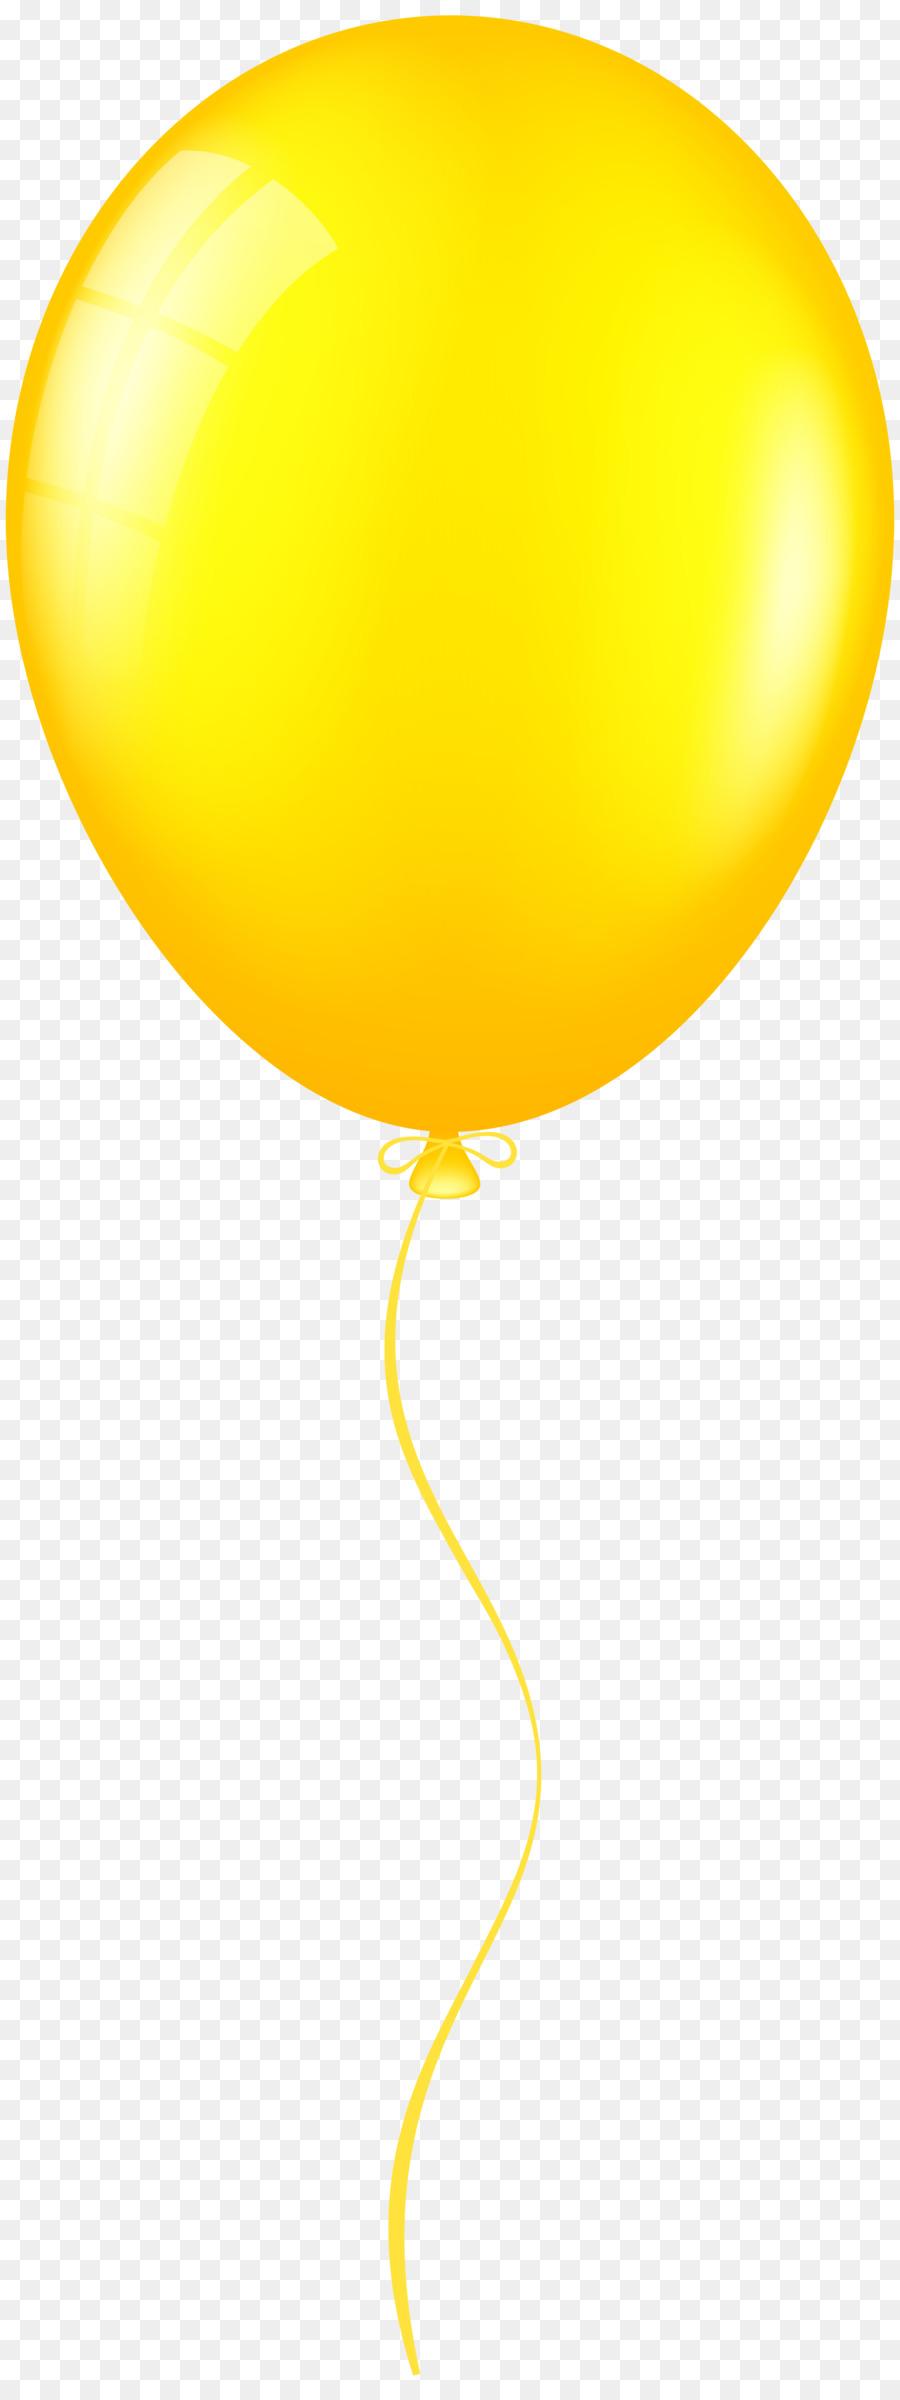 Balloon Cartoon